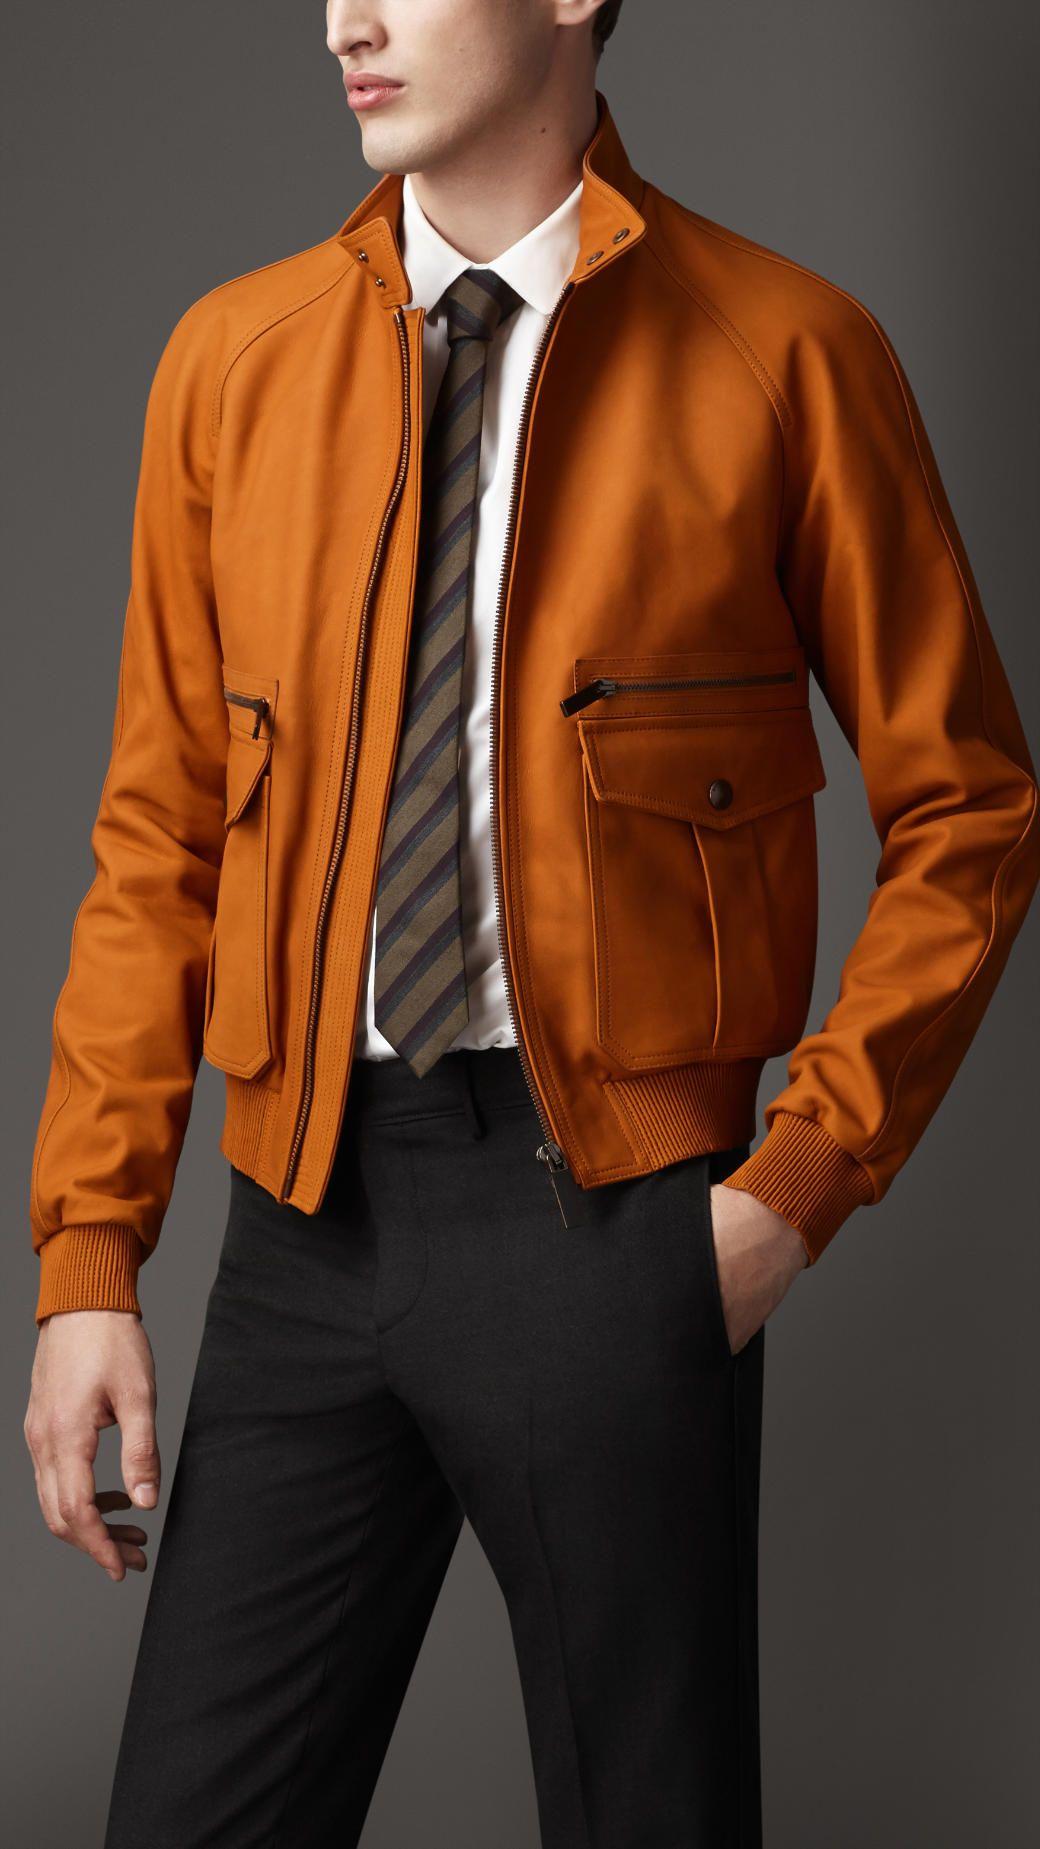 Burberry Iconic British Luxury Brand Est 1856 Jackets Men Fashion Mens Jackets Stylish Jackets [ 1849 x 1040 Pixel ]